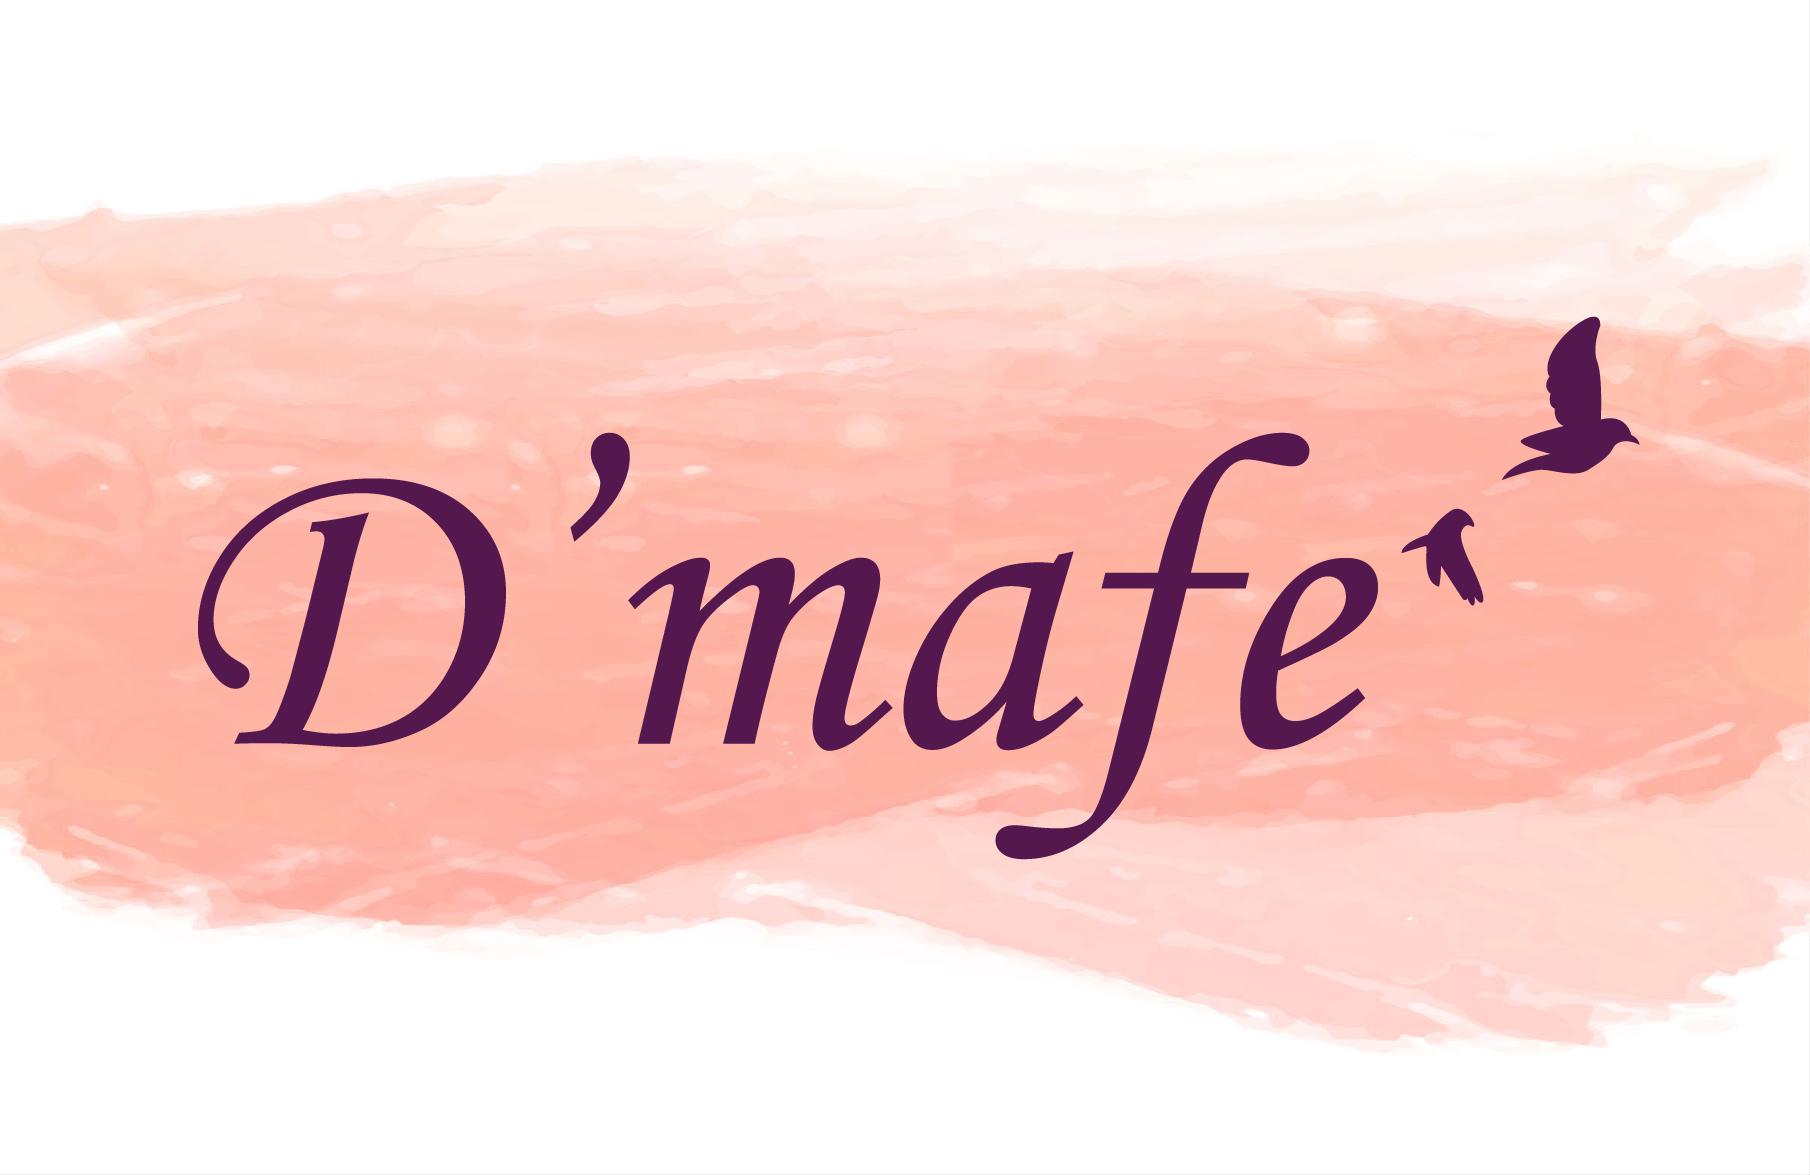 Dmafe